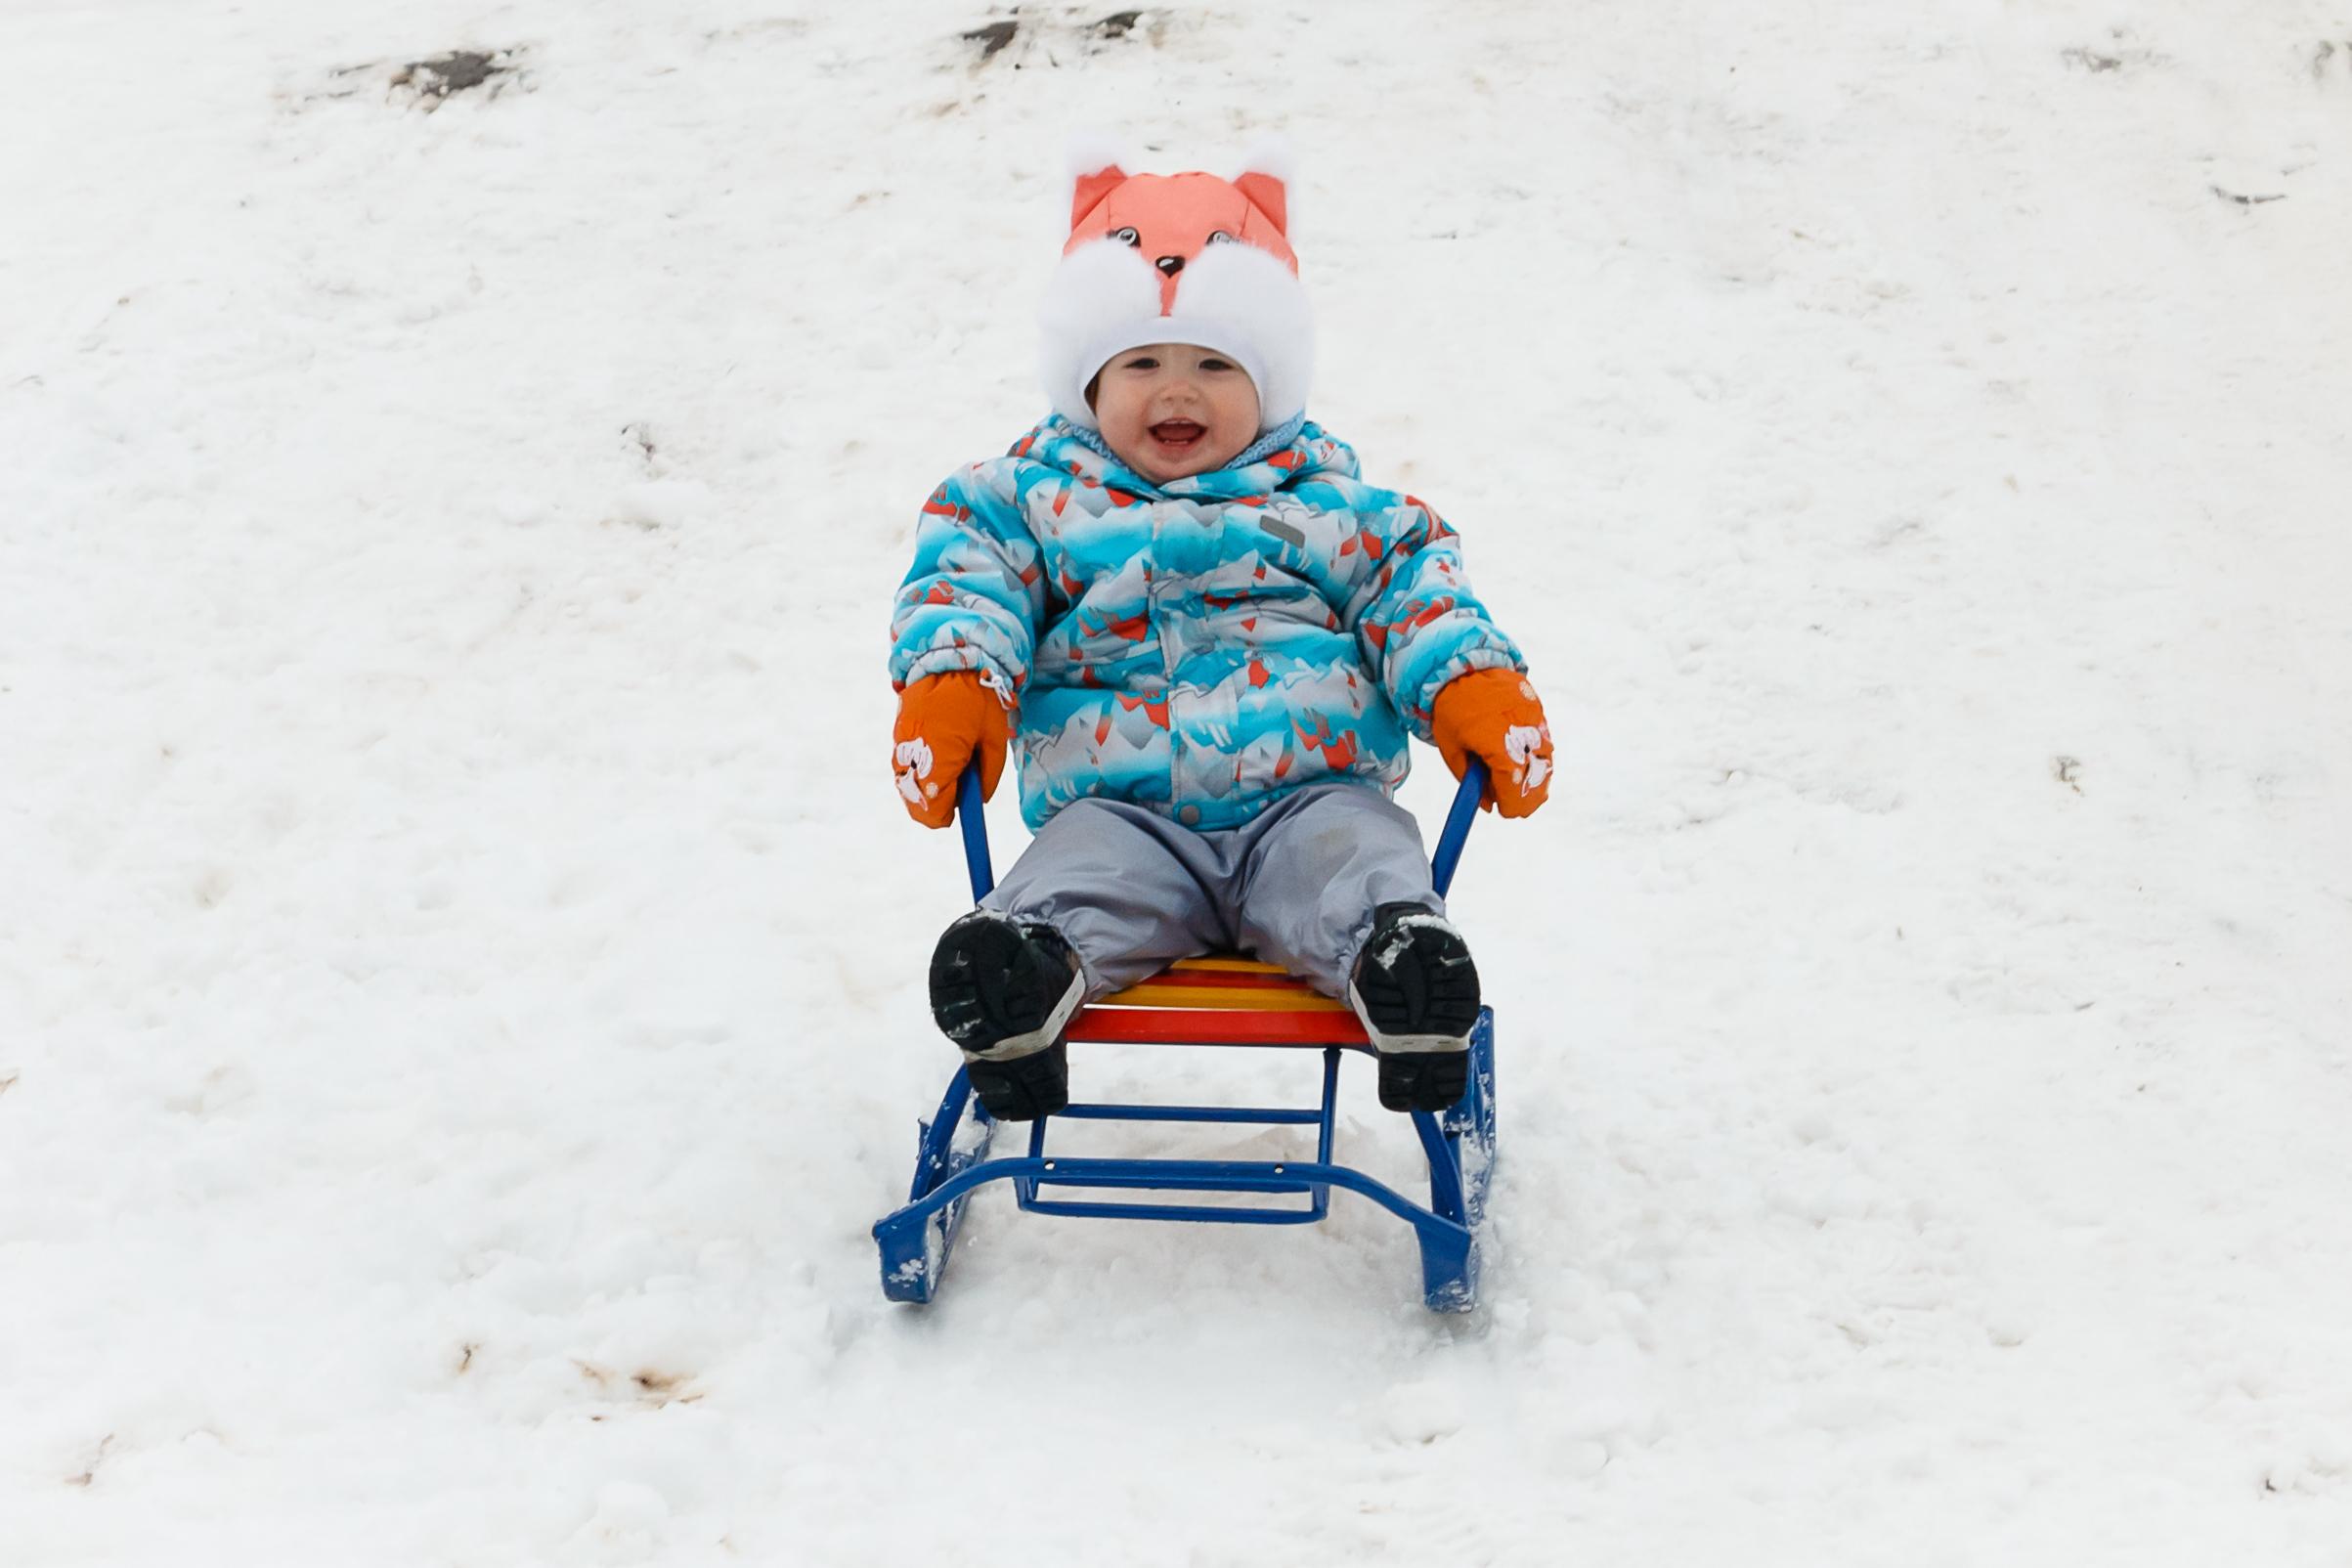 Зимняя радость-это когда с горки на санках!. Зимние забавы